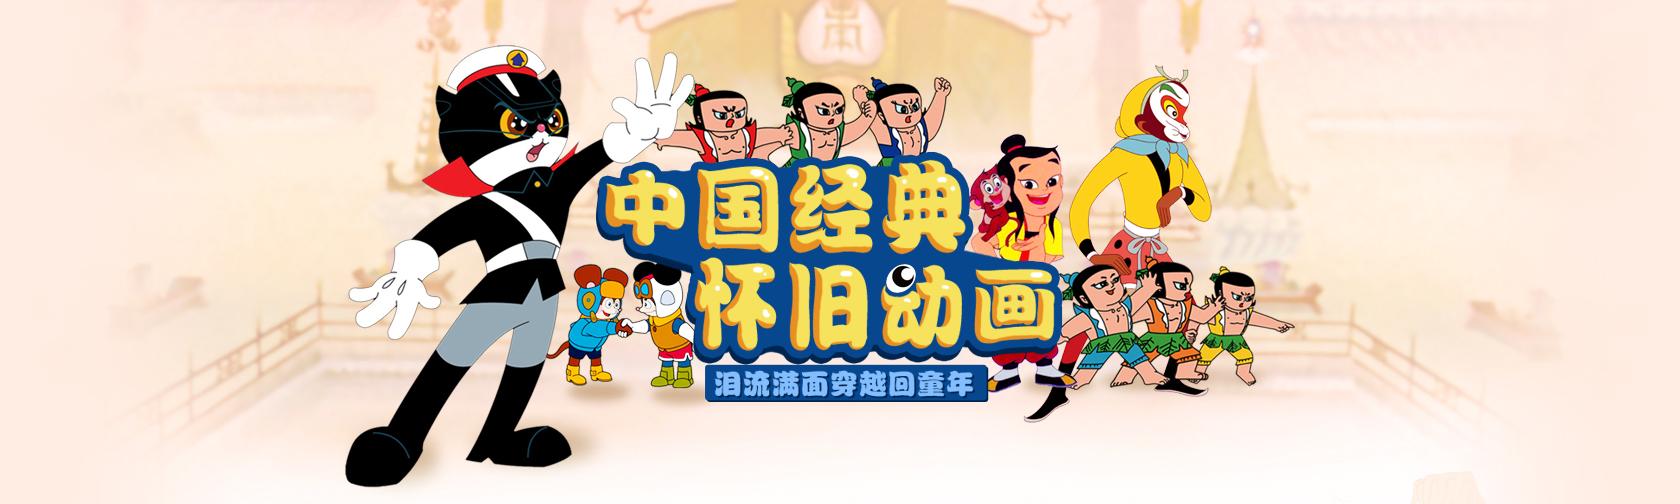 中国经典怀旧动画 泪流满面穿越回童年